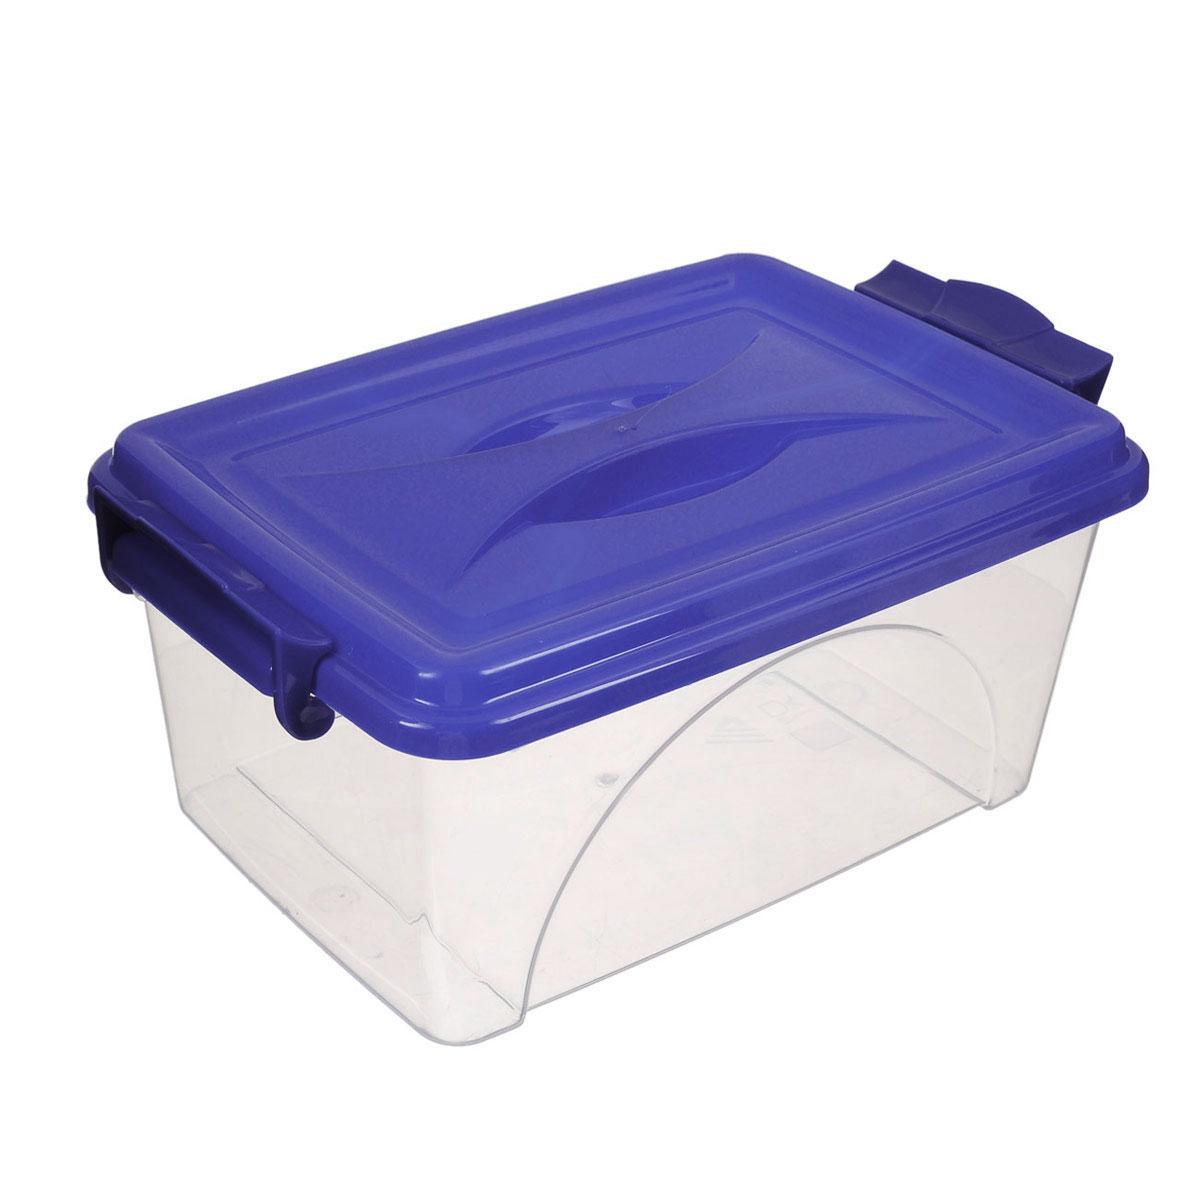 Контейнер Альтернатива, цвет: прозрачный, синий, 11,5 лМ425Контейнер Альтернатива выполнен из прочного пластика. Он предназначен для хранения различных мелких вещей. Крышка легко открывается и плотно закрывается. Прозрачные стенки позволяют видеть содержимое. По бокам предусмотрены две удобные ручки, с помощью которых контейнер закрывается.Контейнер поможет хранить все в одном месте, а также защитить вещи от пыли, грязи и влаги.